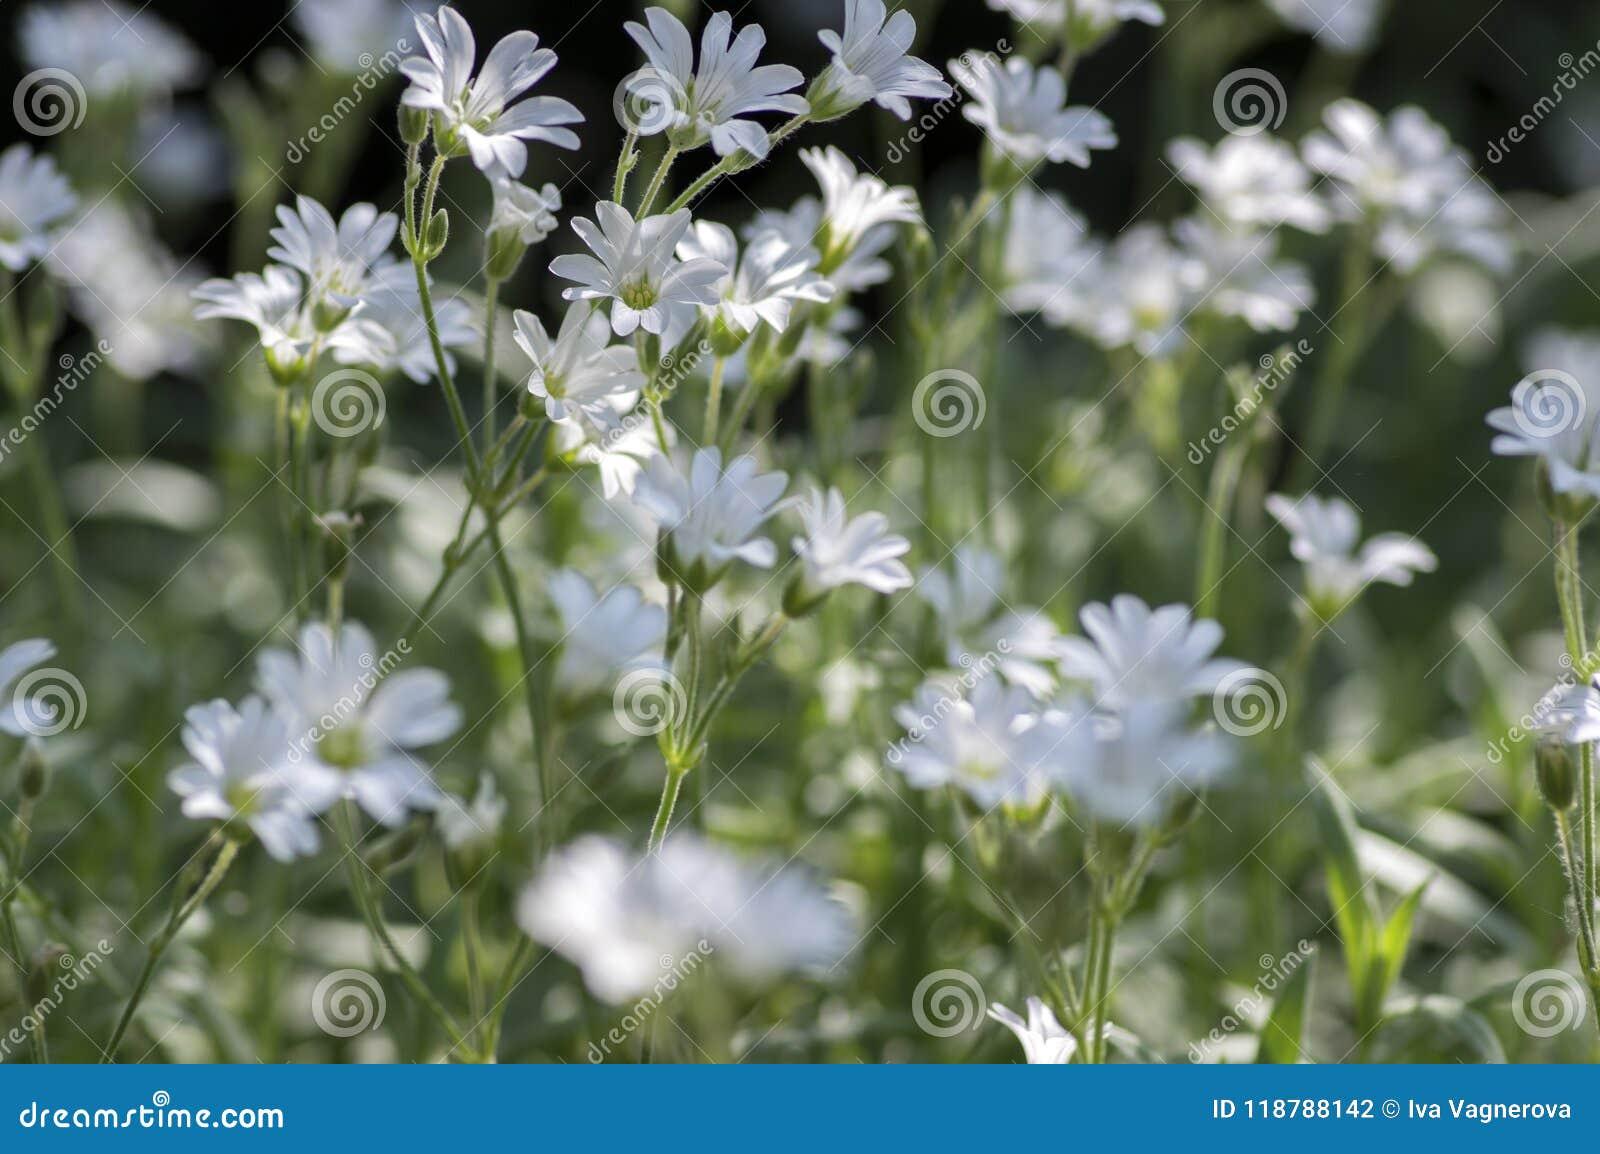 Cerastium Tomentosum Snow In Summer Perennial Flowers In Bloom